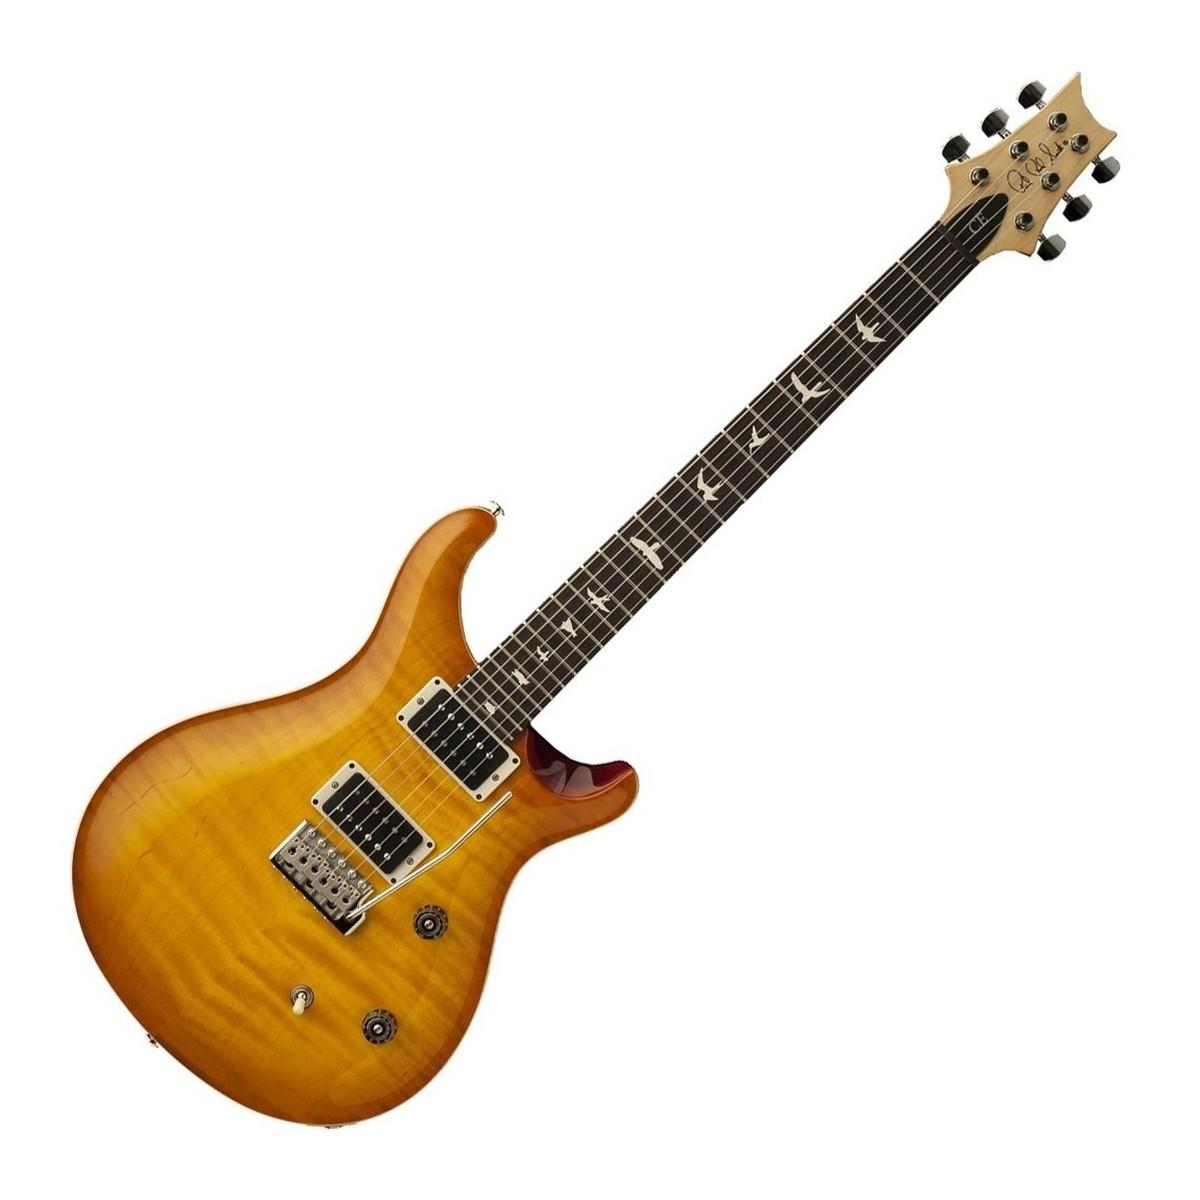 Cheap PRS CE24 Electric Guitar, Vintage Sunburst